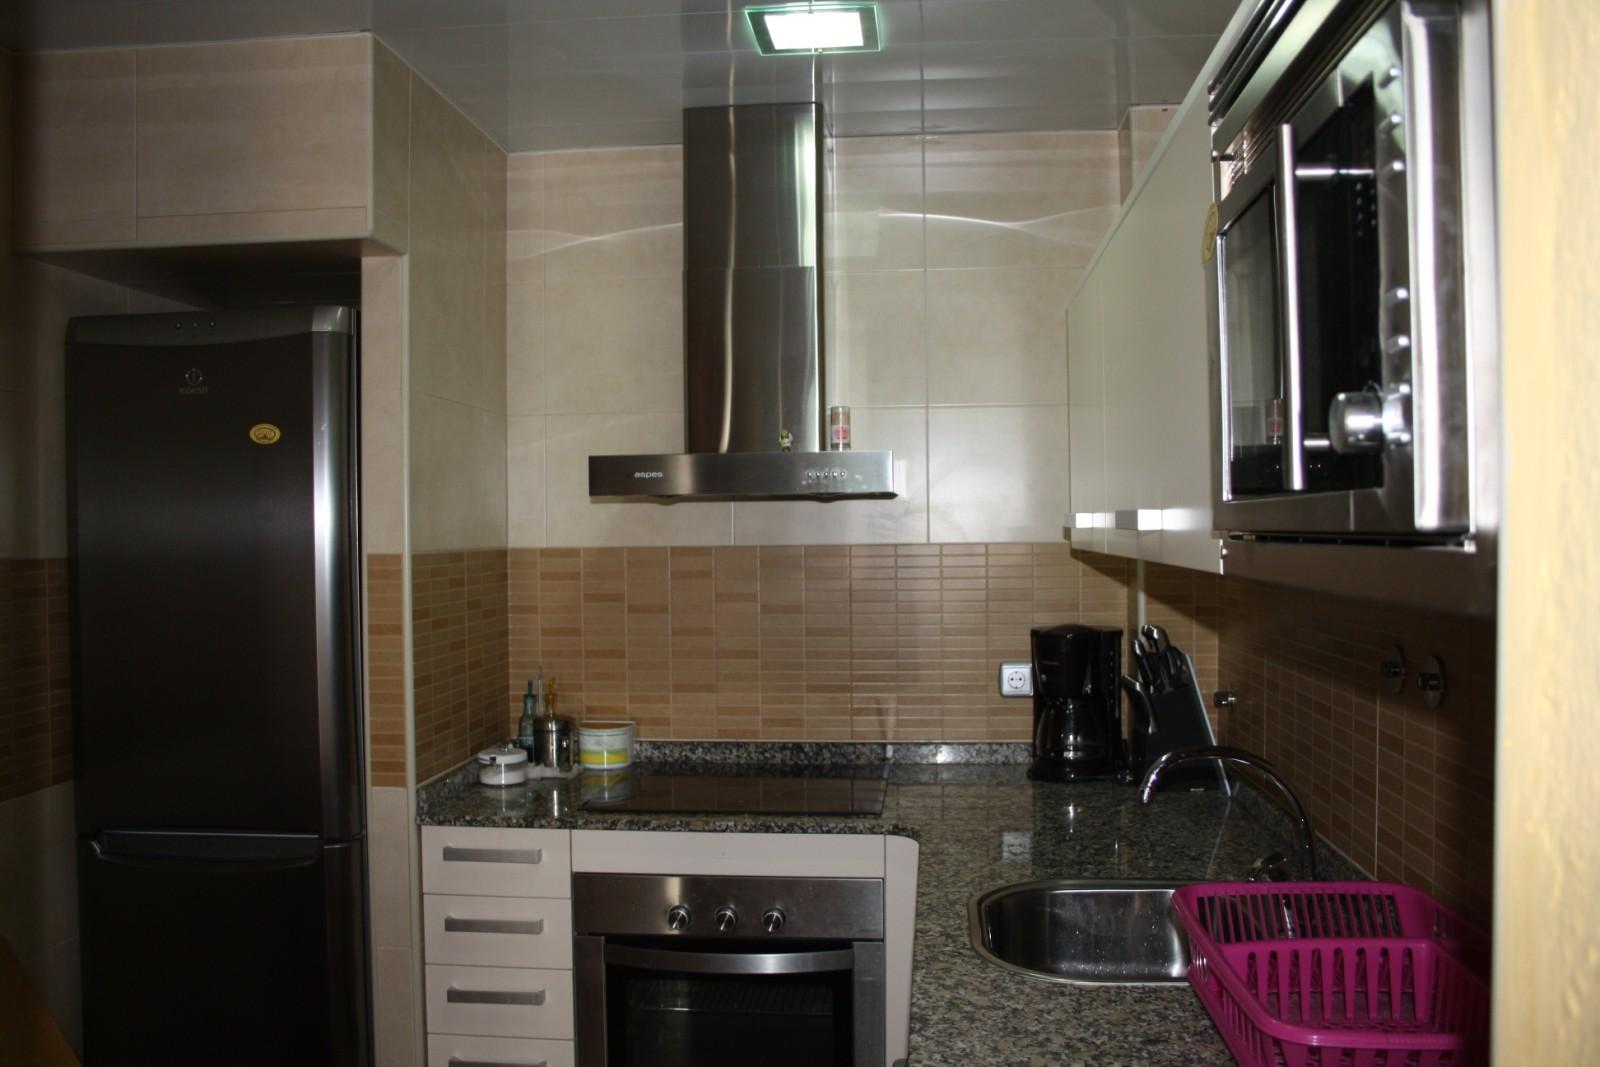 Casa de roda de bara alicatado cocina 4 fotos - Alicatado de cocina ...